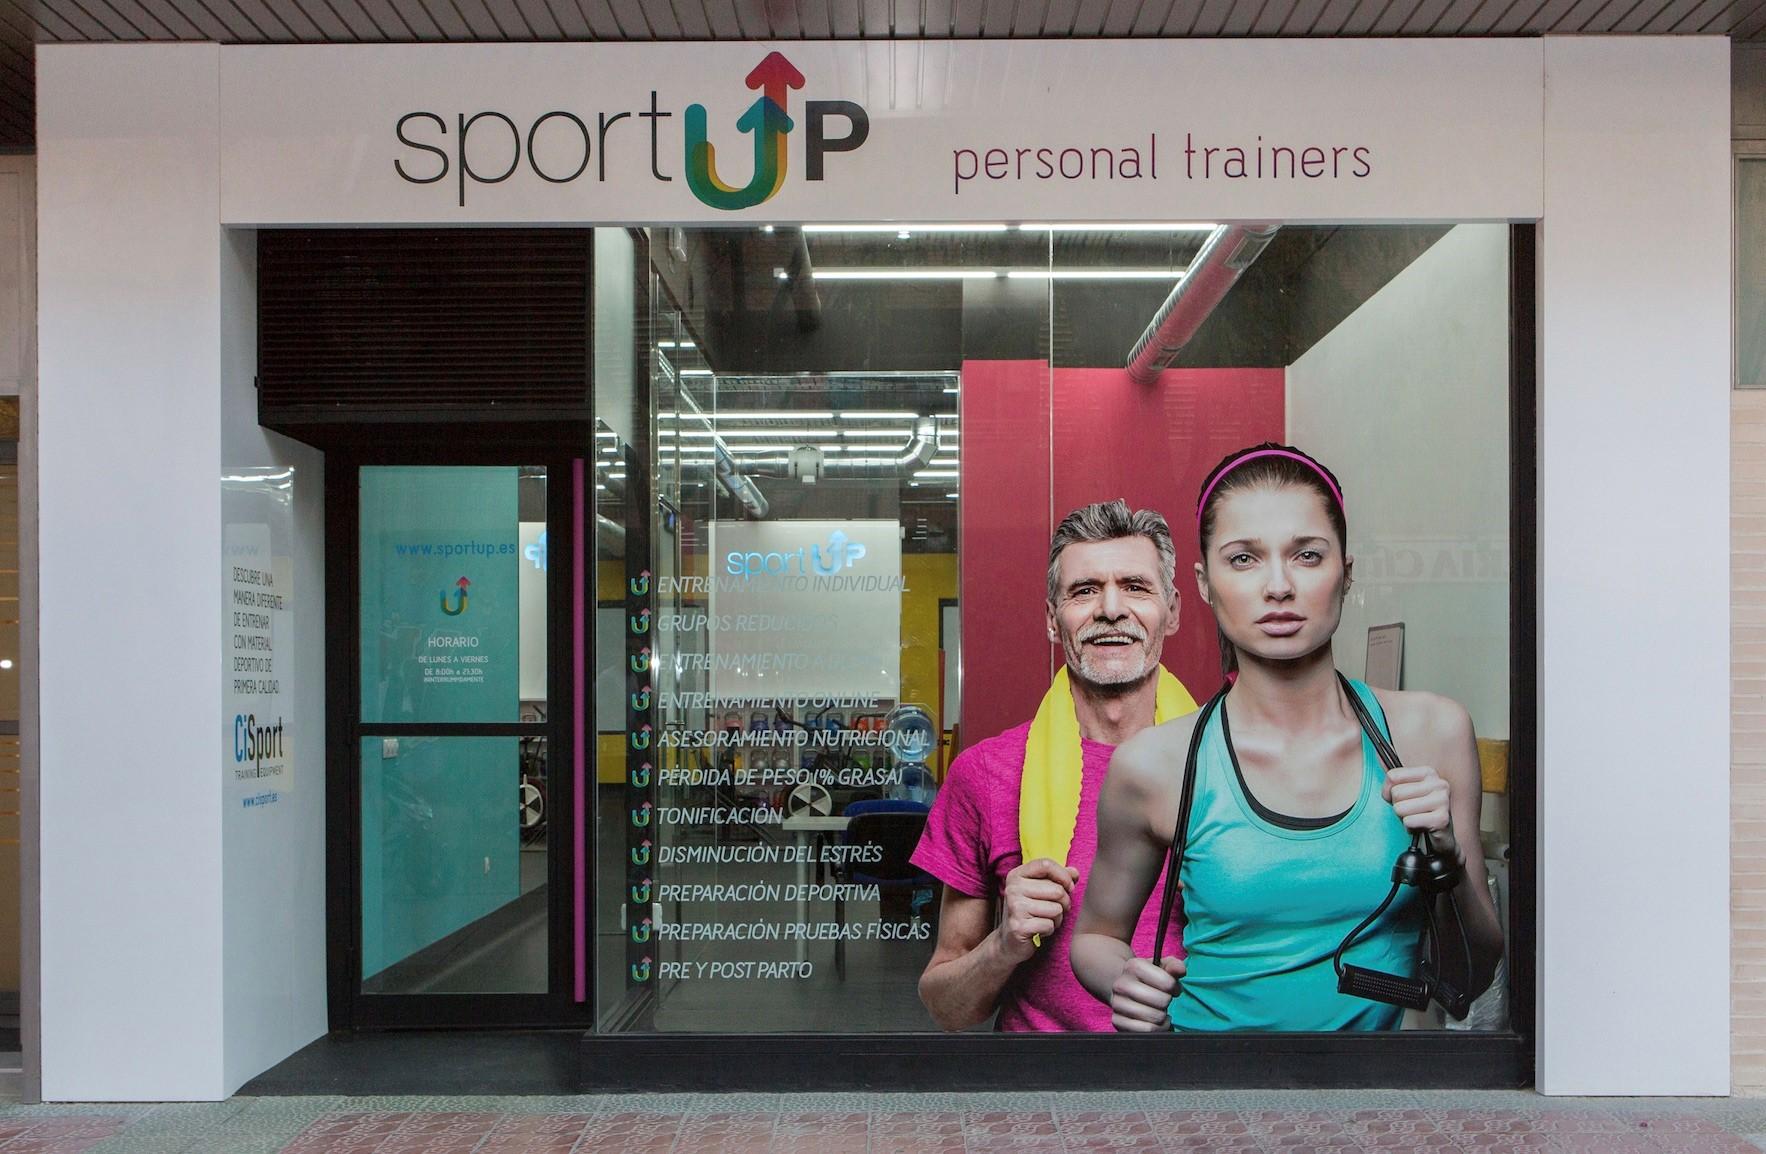 Los gimnasios boutique SportUp inician su expansión como franquicia